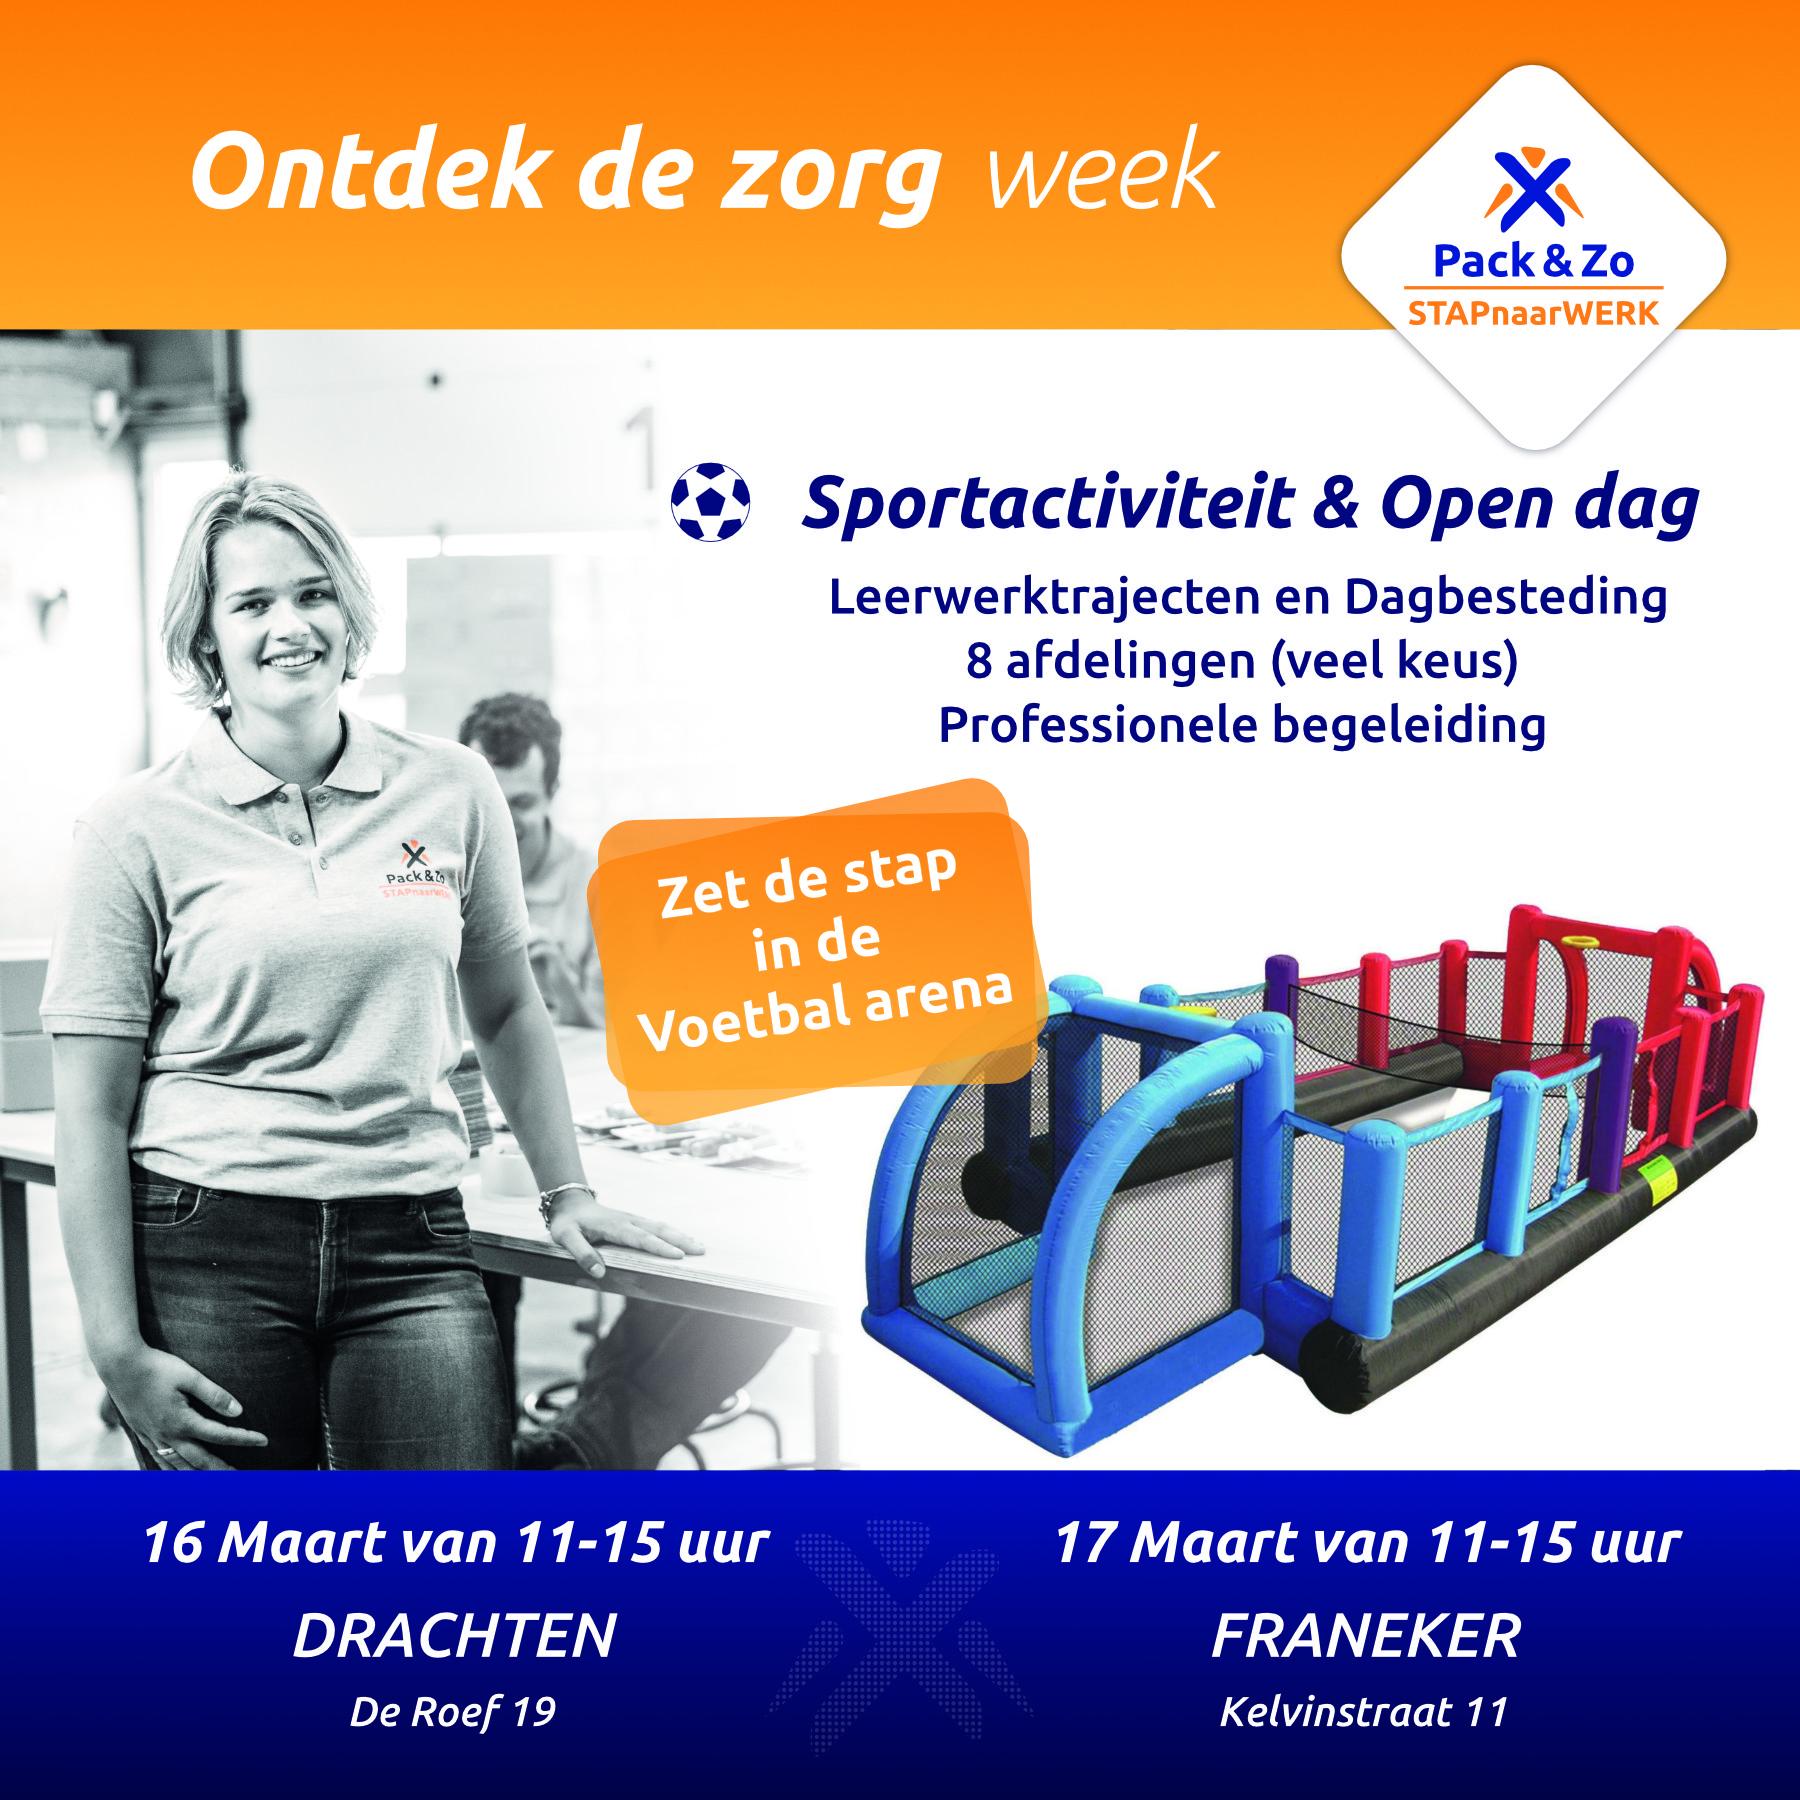 Advertentie uitnodiging opendag en sportactiviteit 16 maart drachten en 17 maart franeker